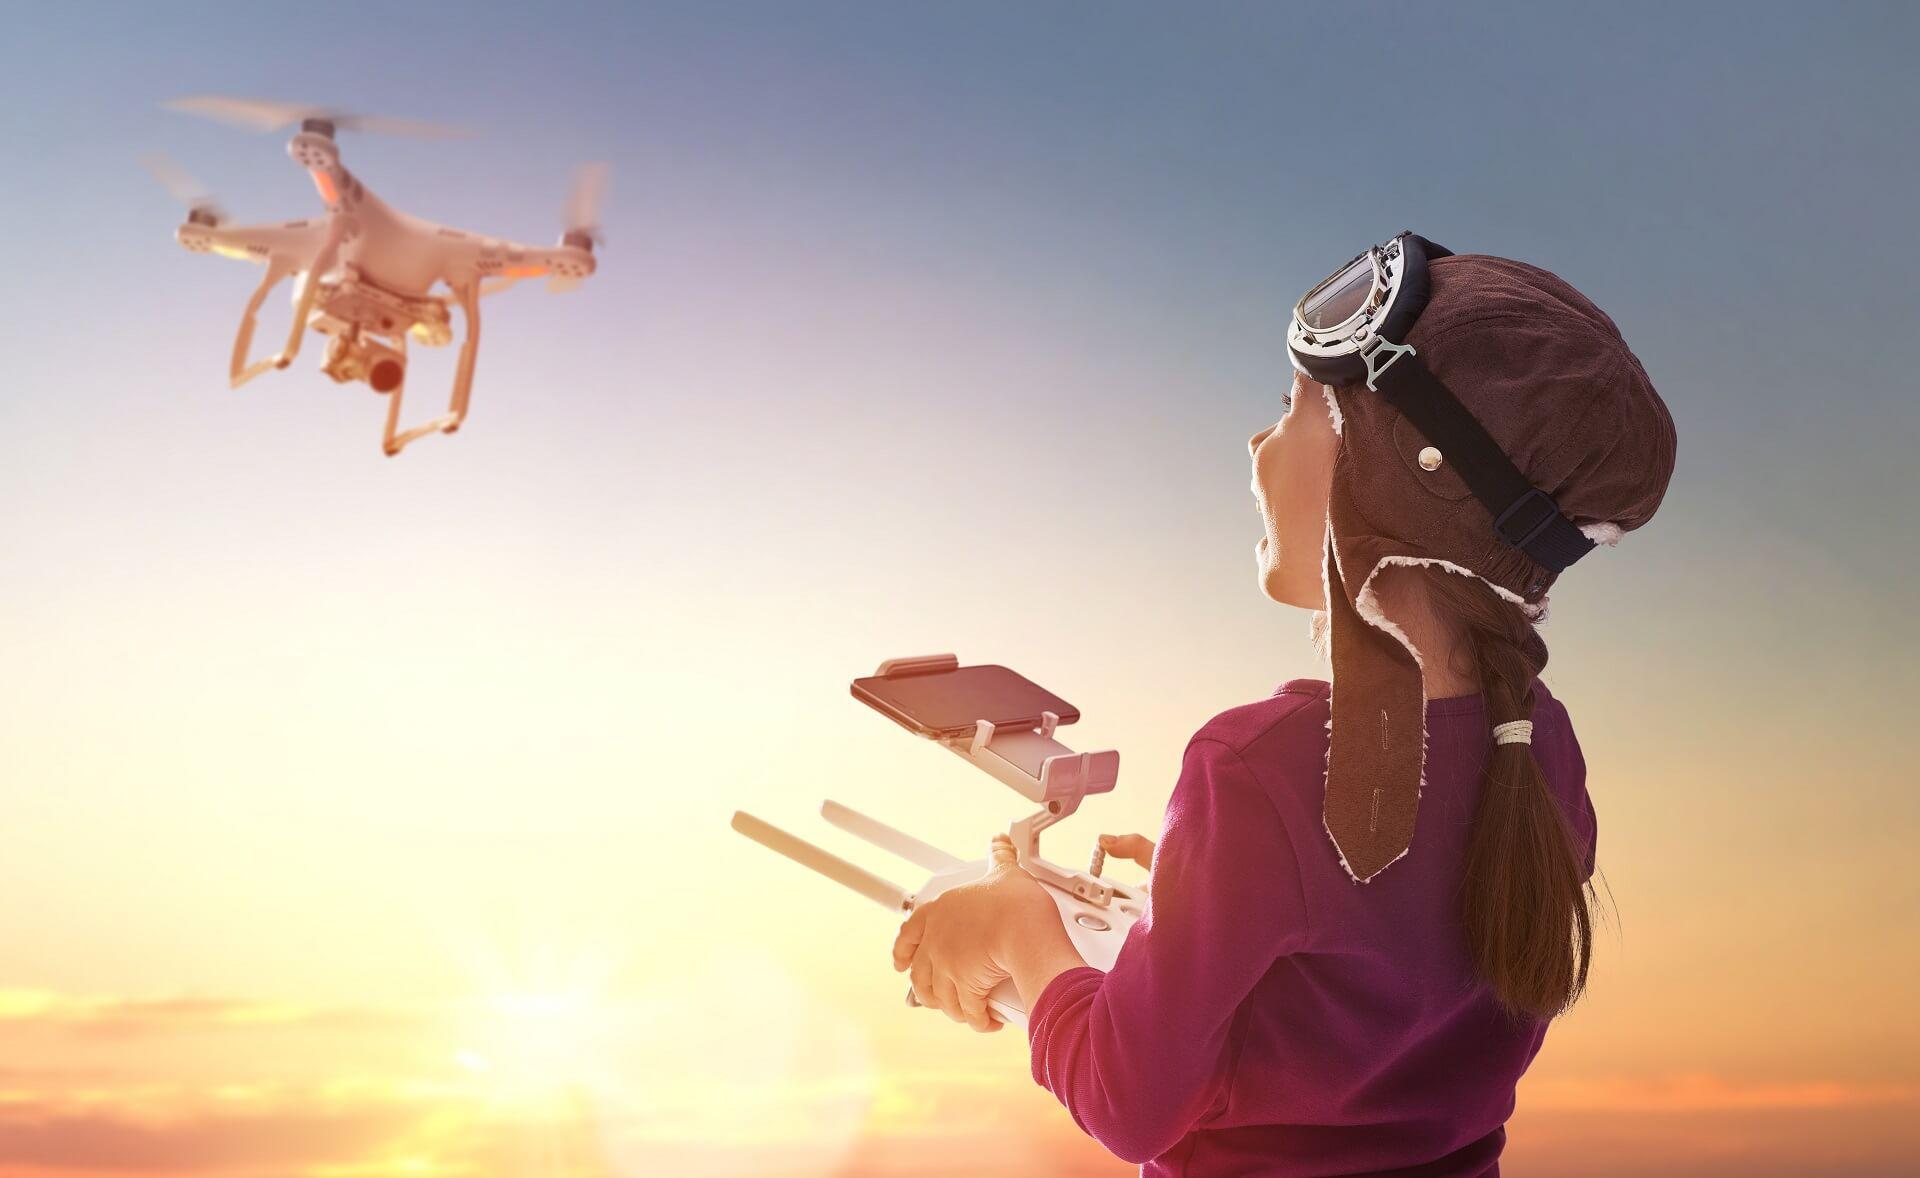 jaki dron dla dziecka